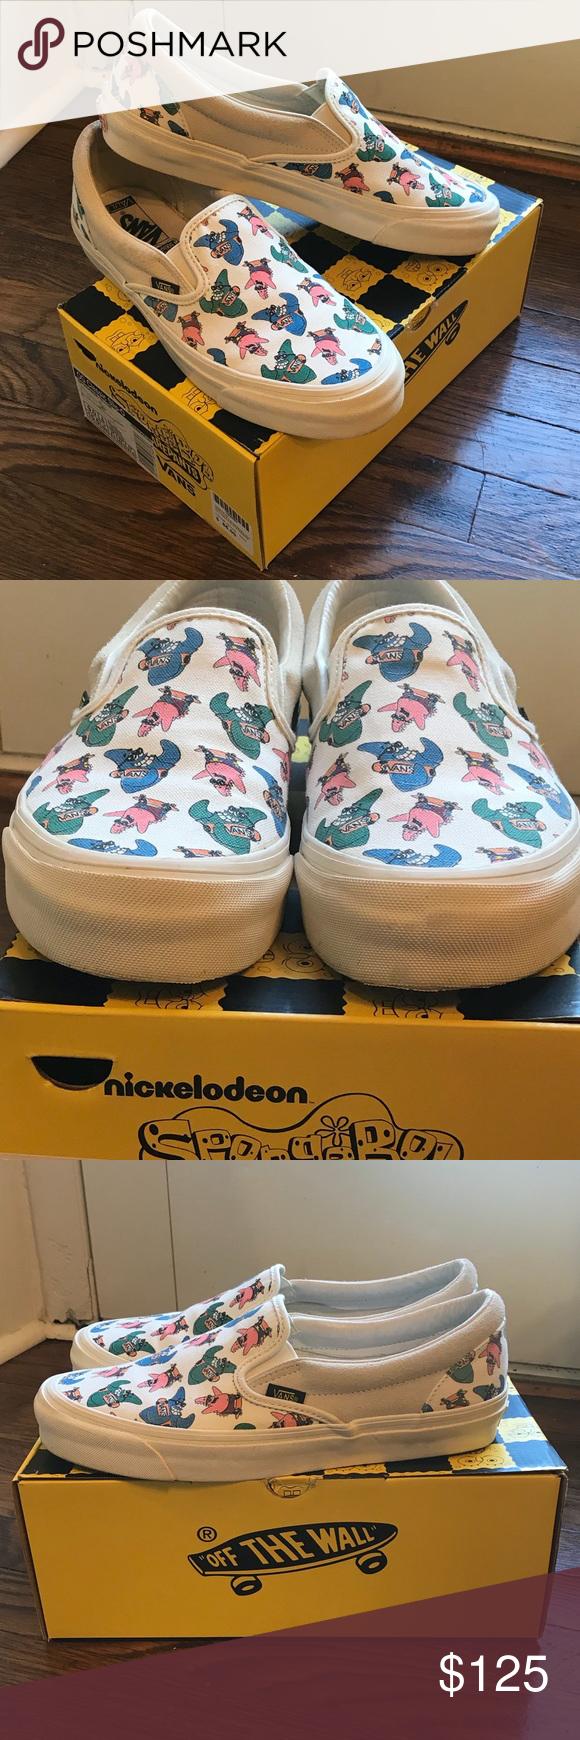 spongebob vans release time